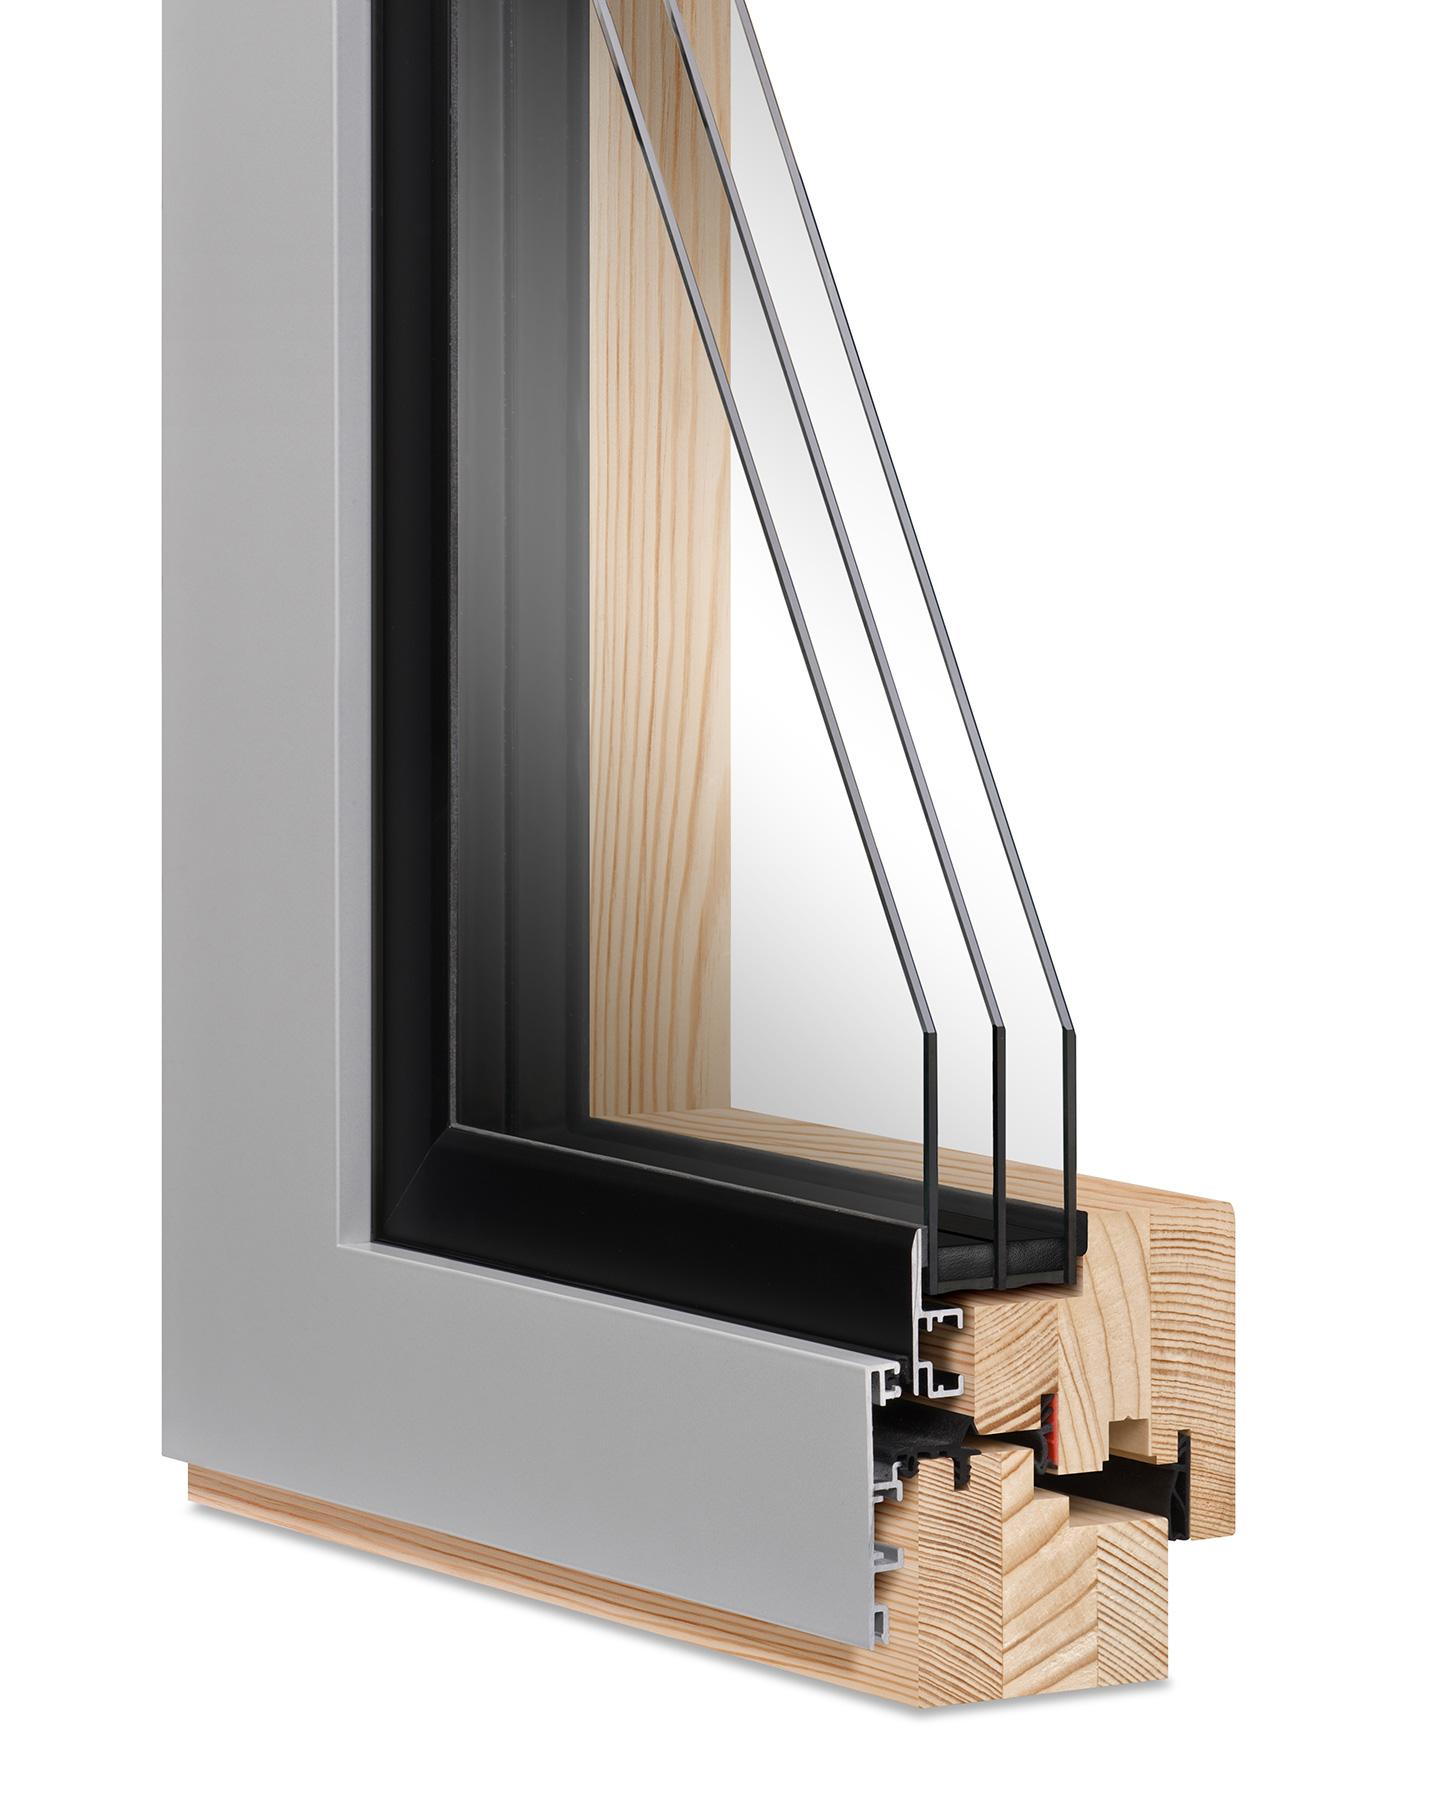 Full Size of Fenster Holz Alu Hersteller Preis Aluminium Kunststoff Welches Oder Preisvergleich Preisliste Kosten Erfahrungen Kostenvergleich Holz Alu Fenster Fenster Fenster Holz Alu